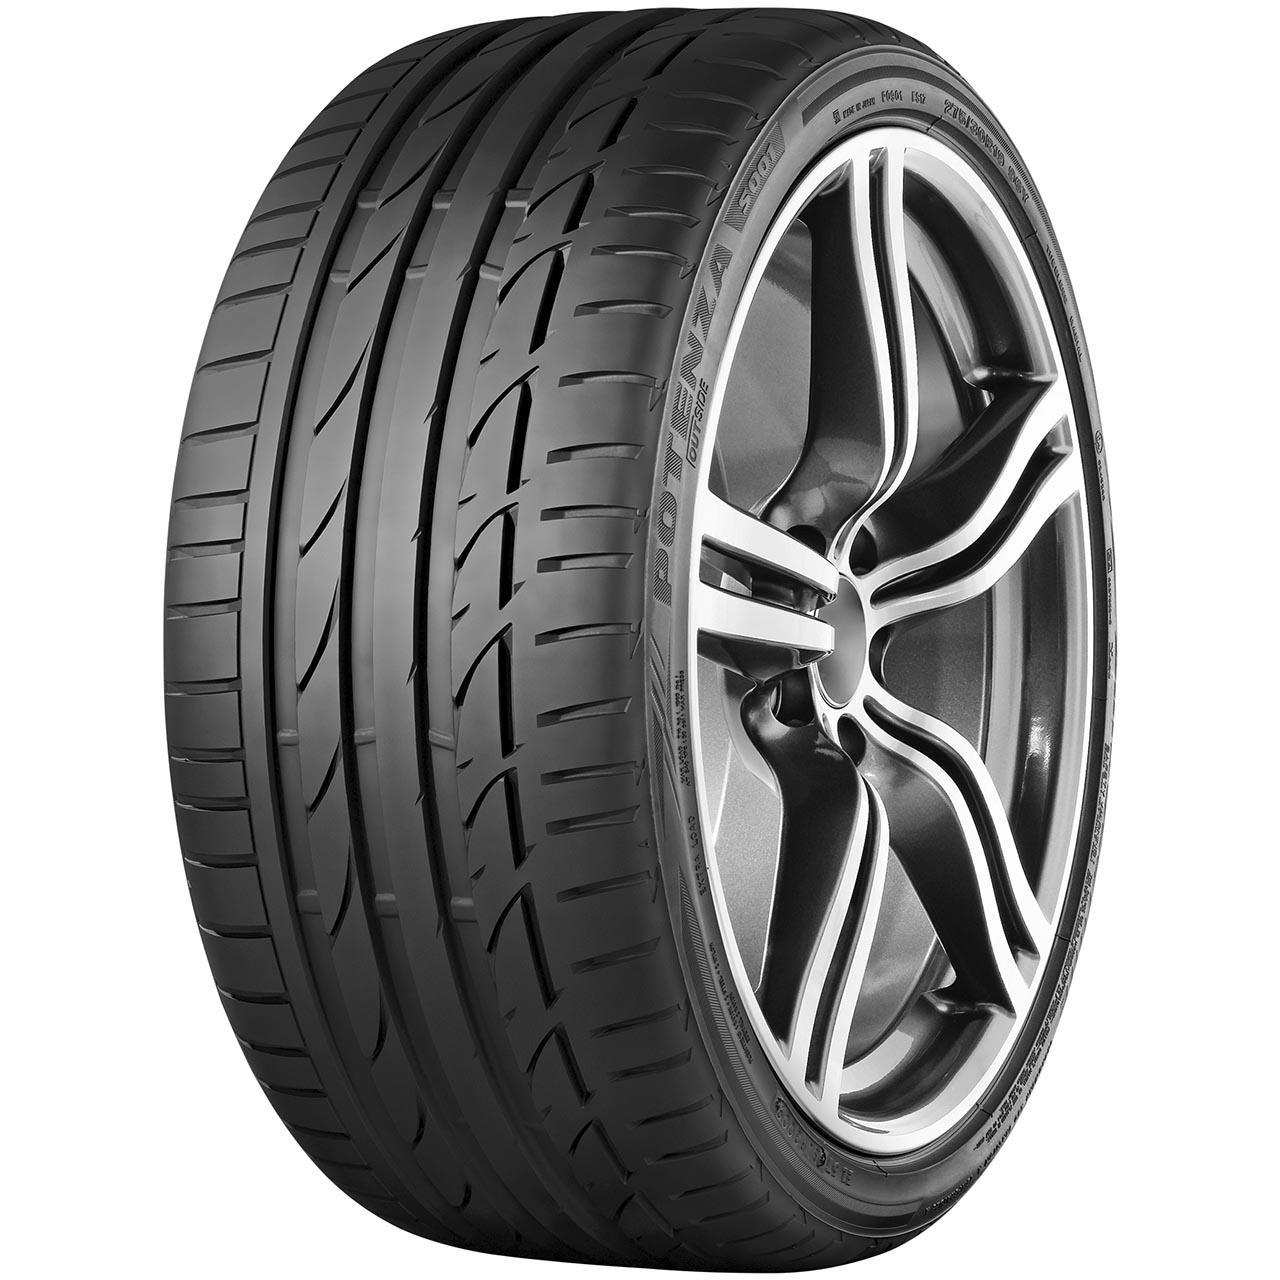 Bridgestone Potenza S001 245/40R18 97Y XL AO